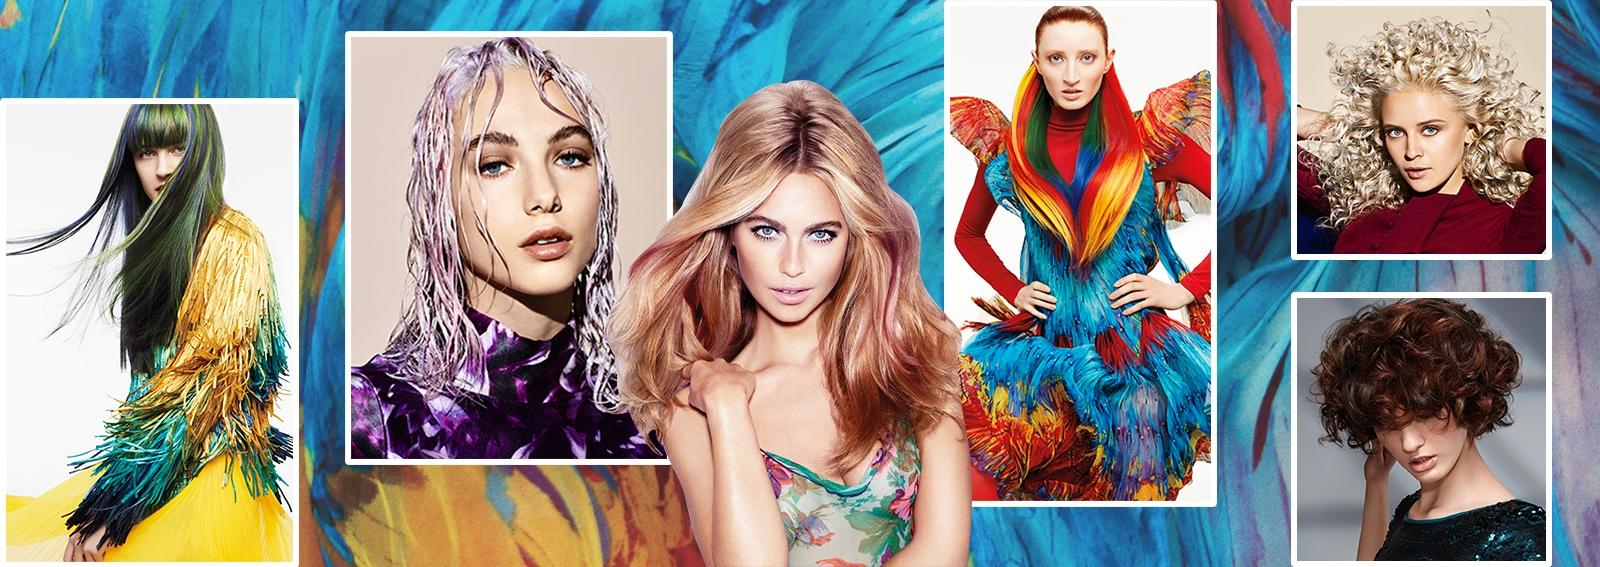 colore capelli saloni autunno inverno 2017 2018 collage_desktop